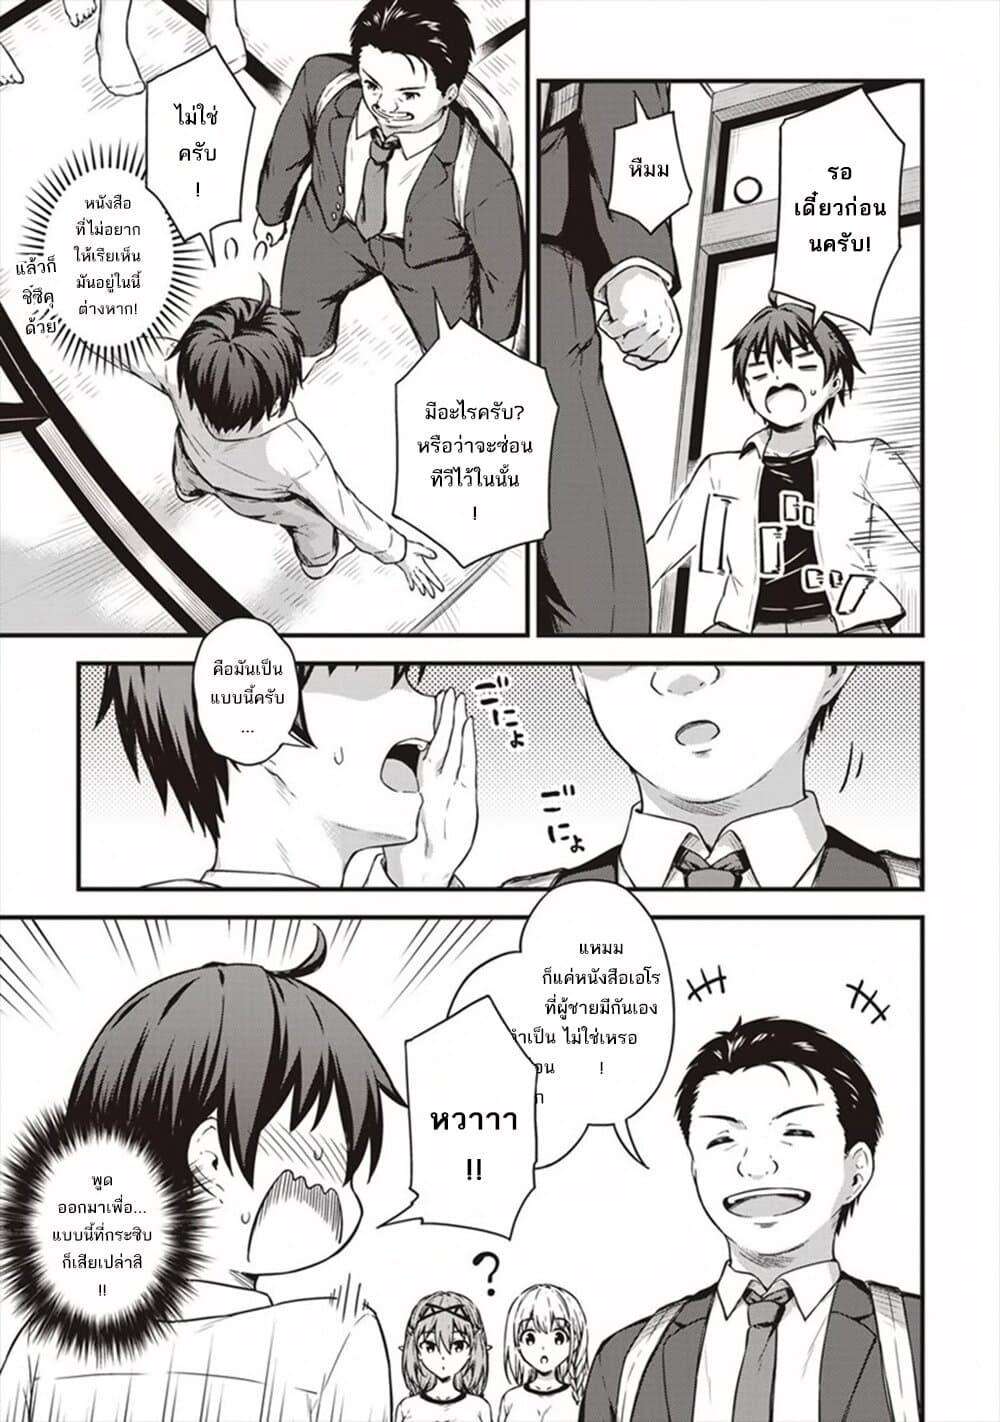 อ่านการ์ตูน Boku No Heya Ga Danjon no Kyoukeisho Ni Natte Shimatta Kudan ตอนที่ 12 หน้าที่ 11